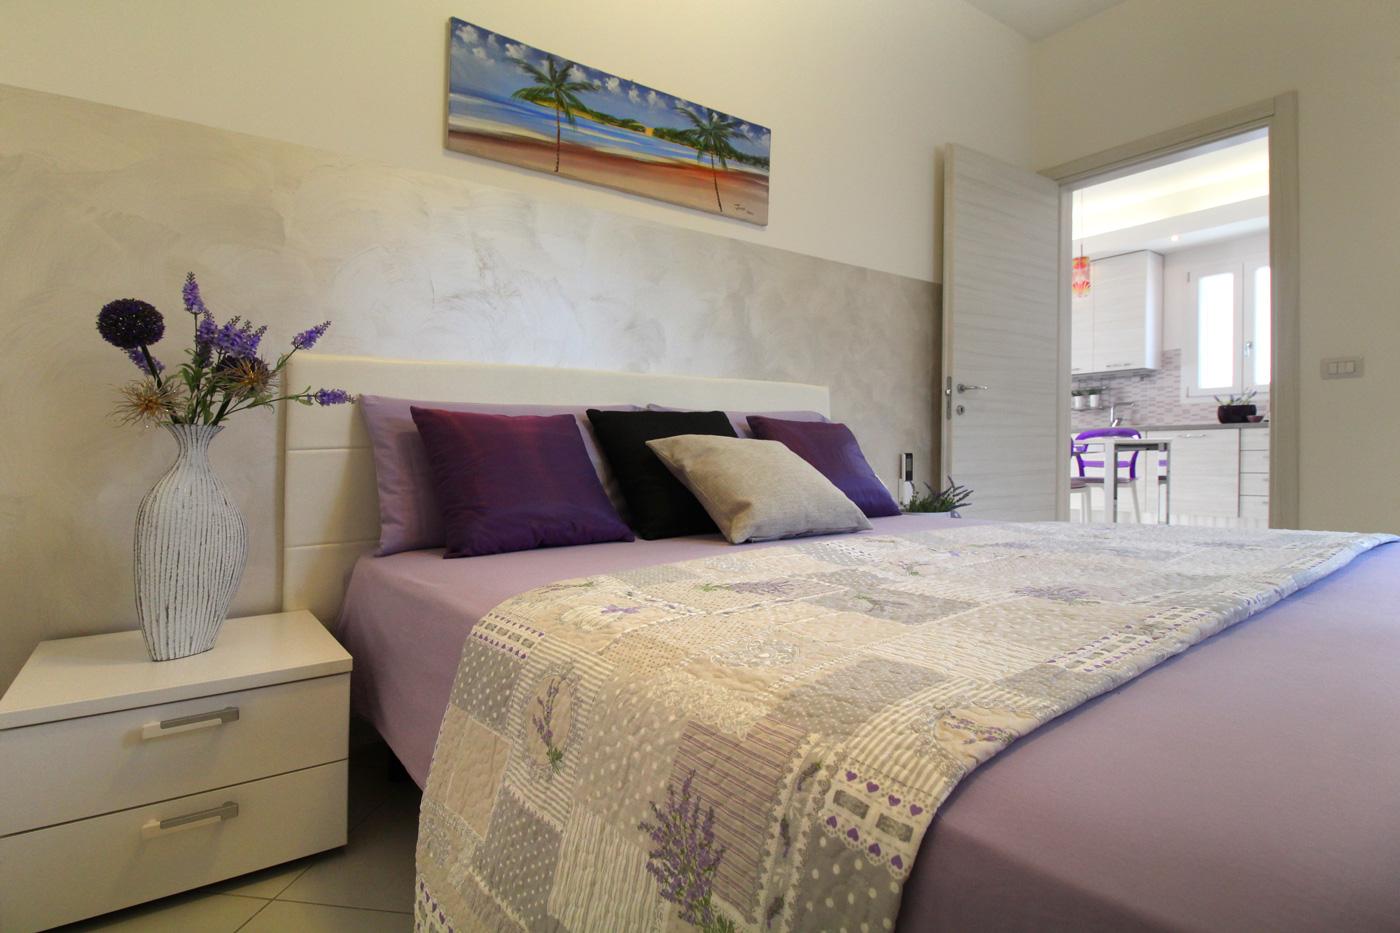 Appartamento la casina di gatteo_romagna case vacanze_IMG_8187